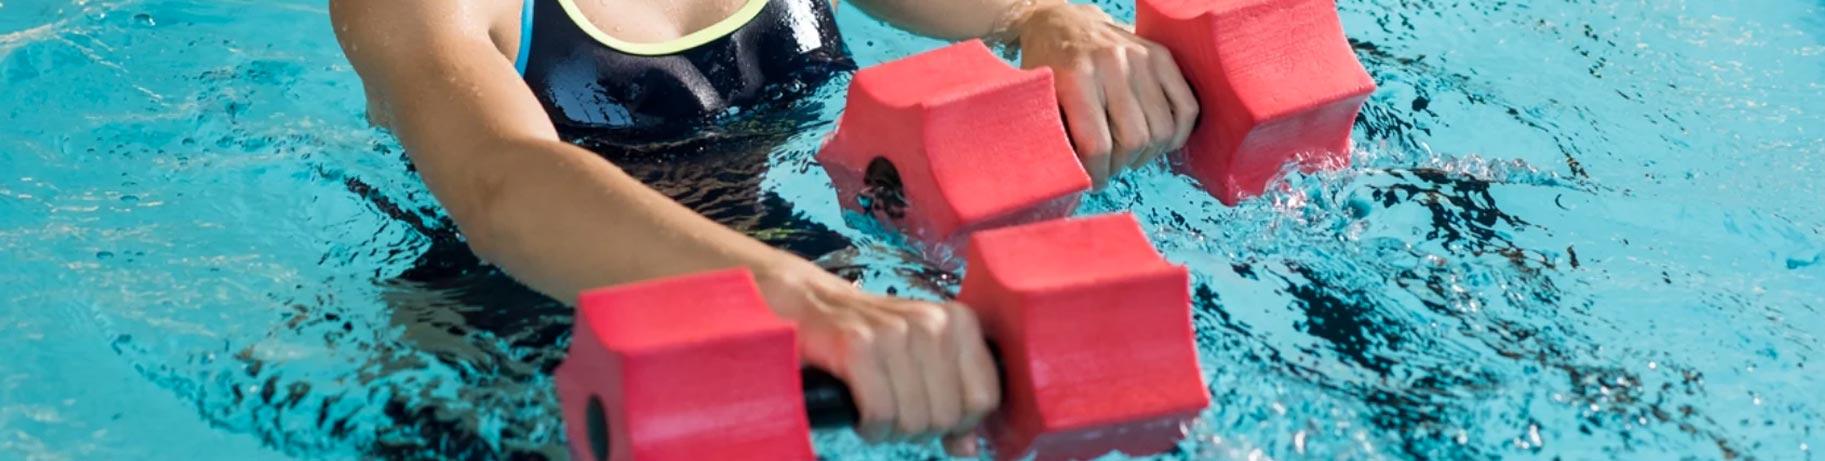 Exercices De Musculation à Faire Dans Votre Piscine Piscines Ibiza